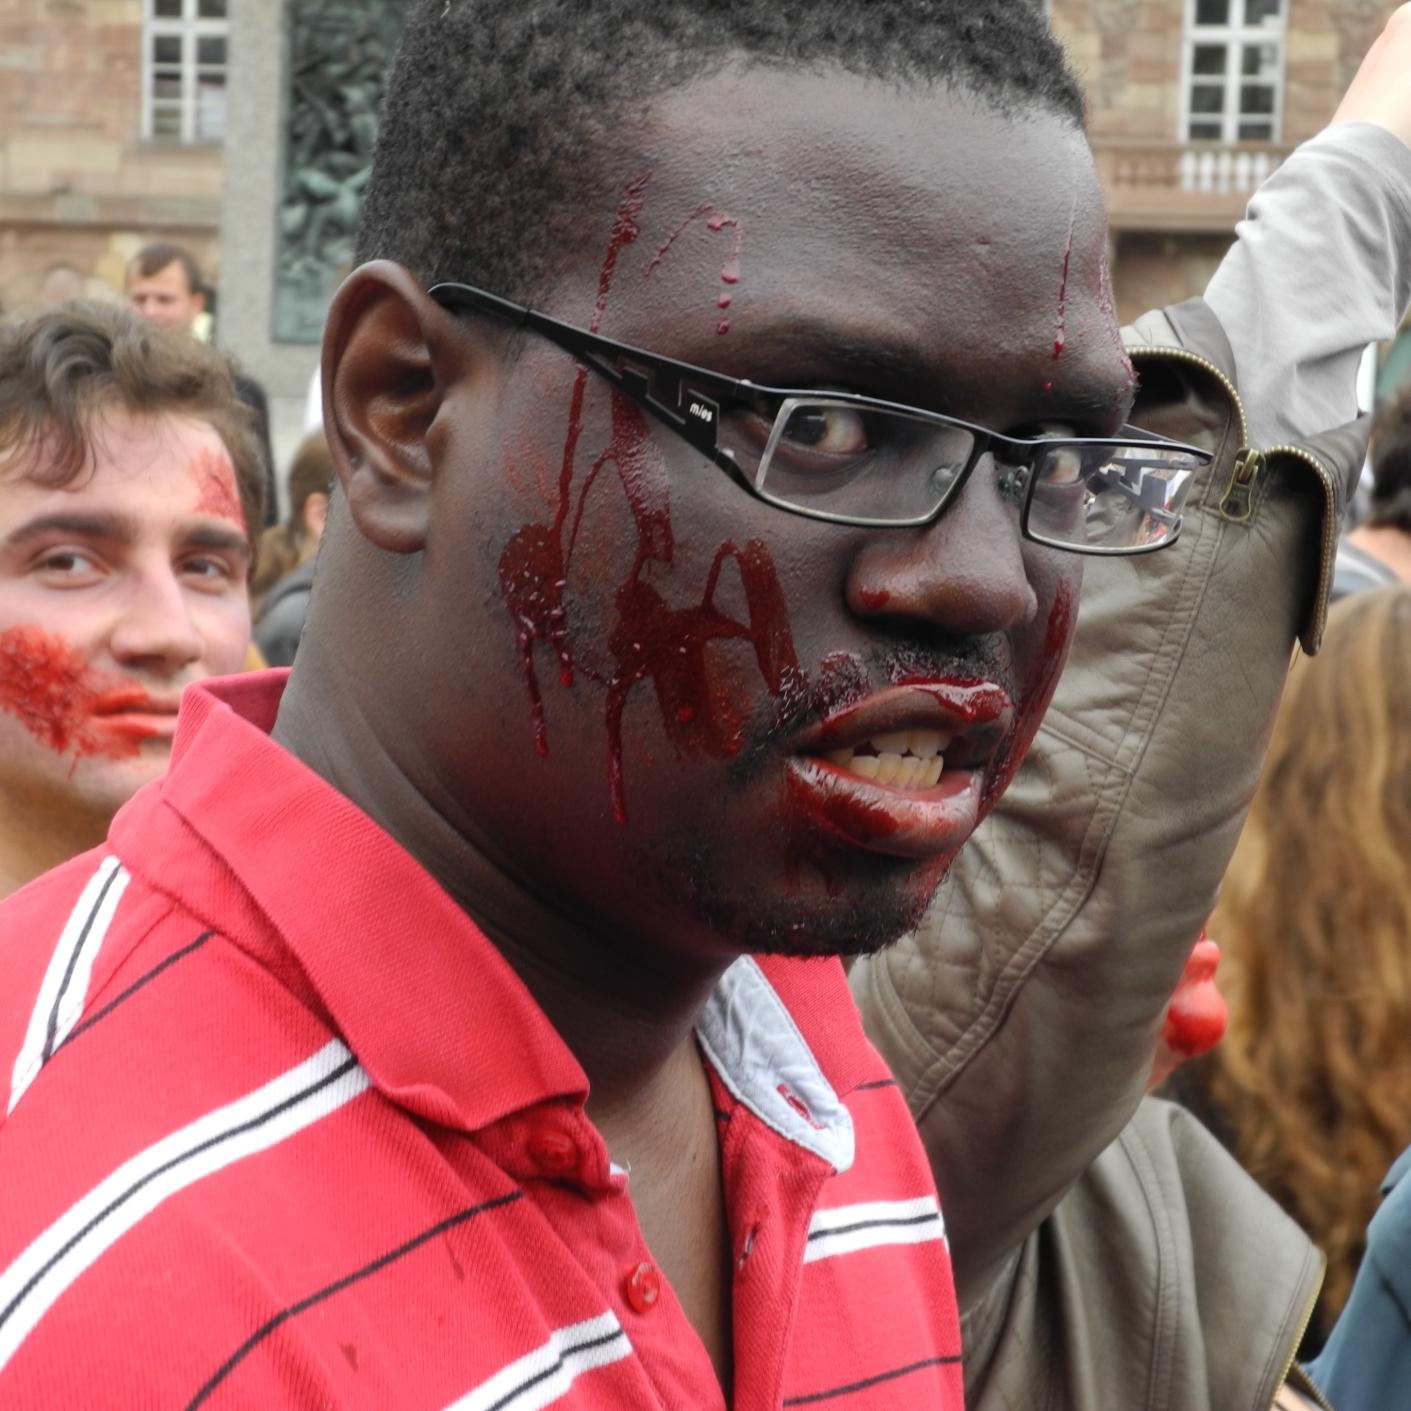 Zombies: Keine Angst, die beißen nicht. Eventuell wollen sie nur spielen. (Aber was?)